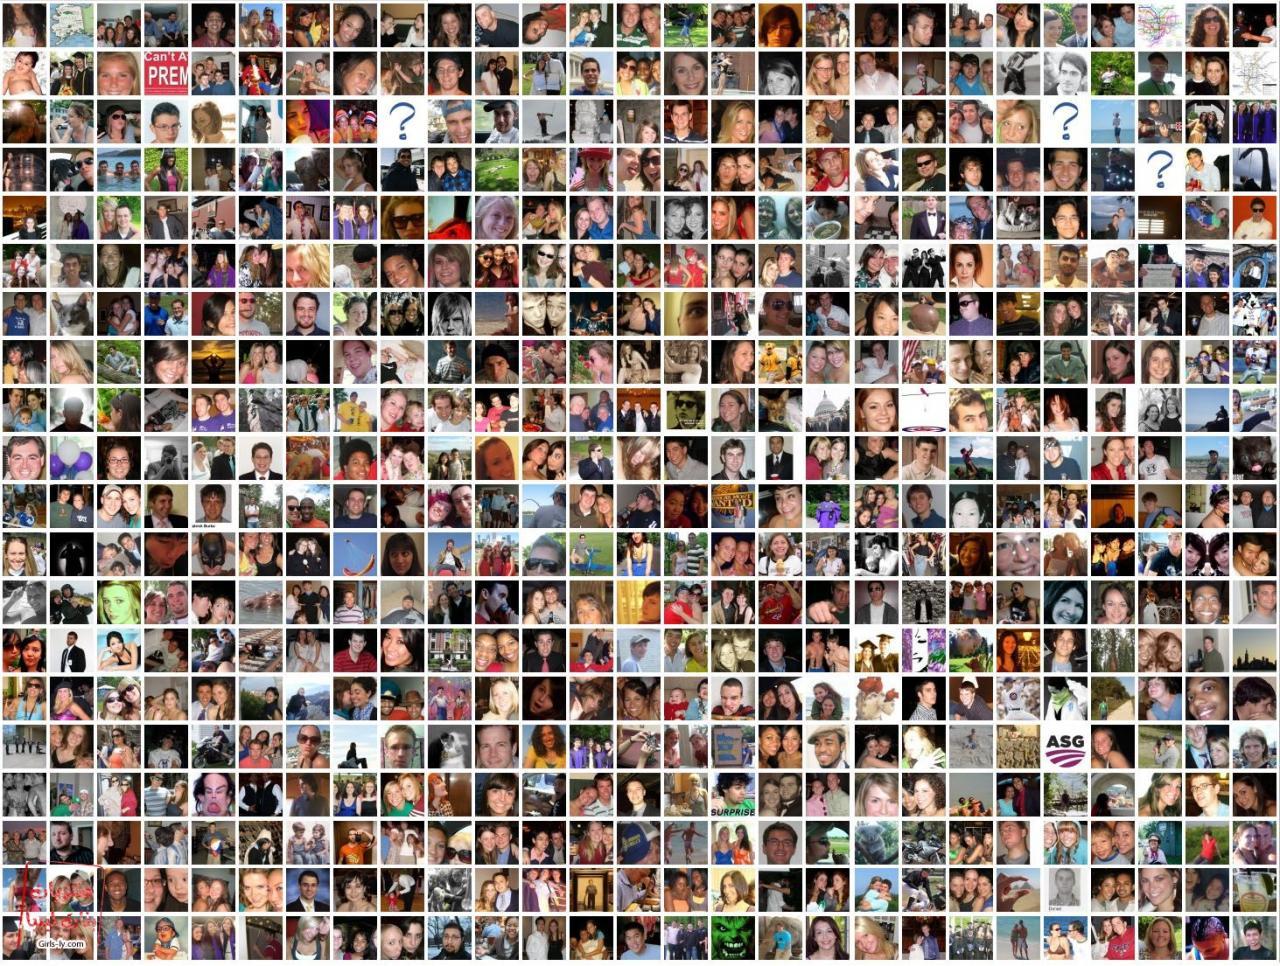 صورة اجمل اسماء الفيس بوك بنات , اسماء مستعارة للفيس بوك